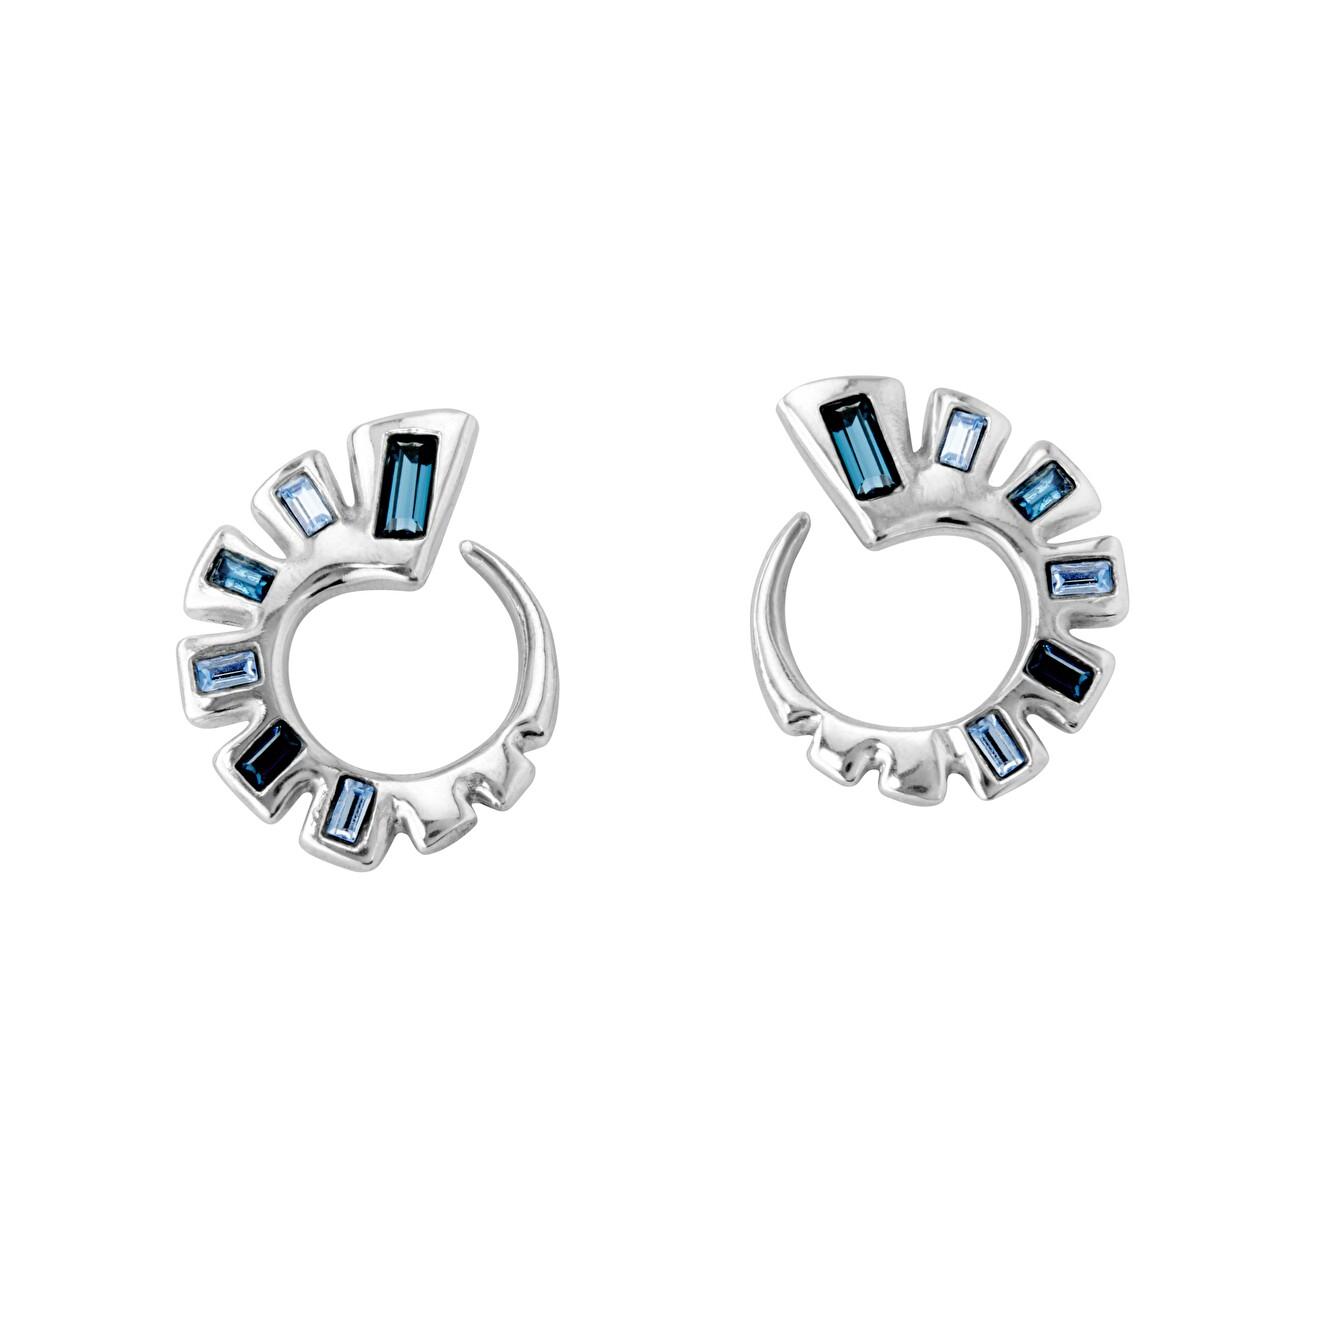 Unode50 Серьги «Nightbird wrap» с синими кристаллами, покрытые серебром недорого